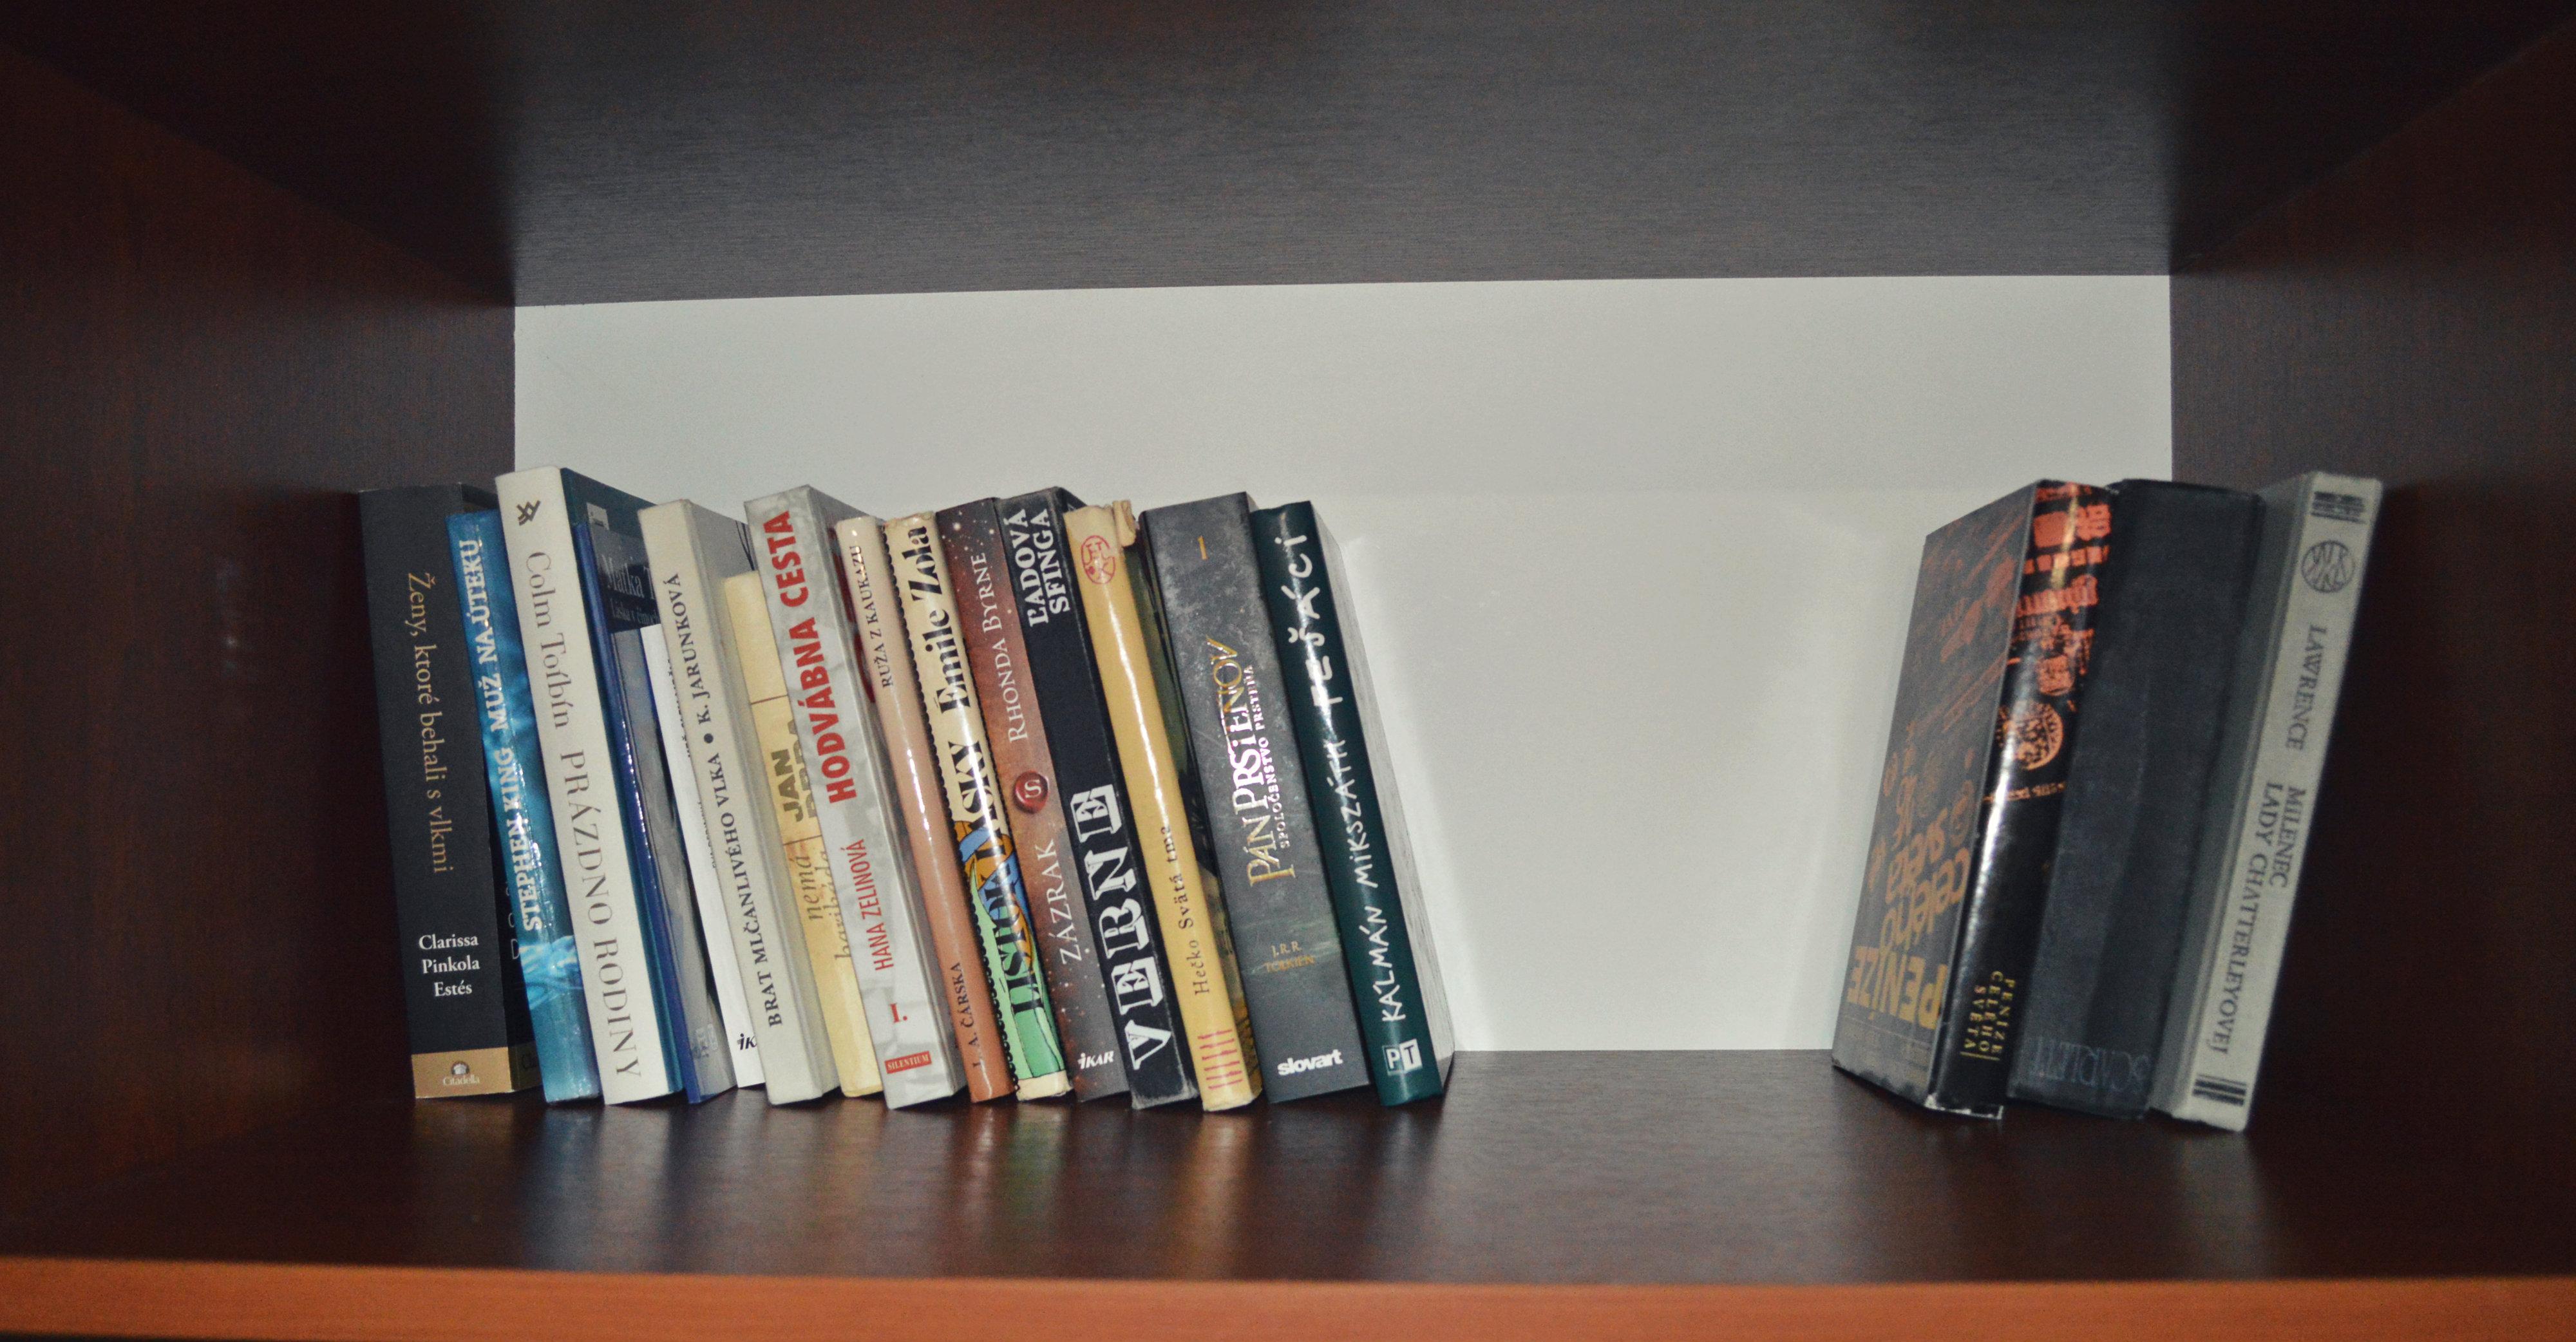 e9ff0a22c697 Ako dopadla zbierka kníh pre nemocnicu Z - Kam v meste